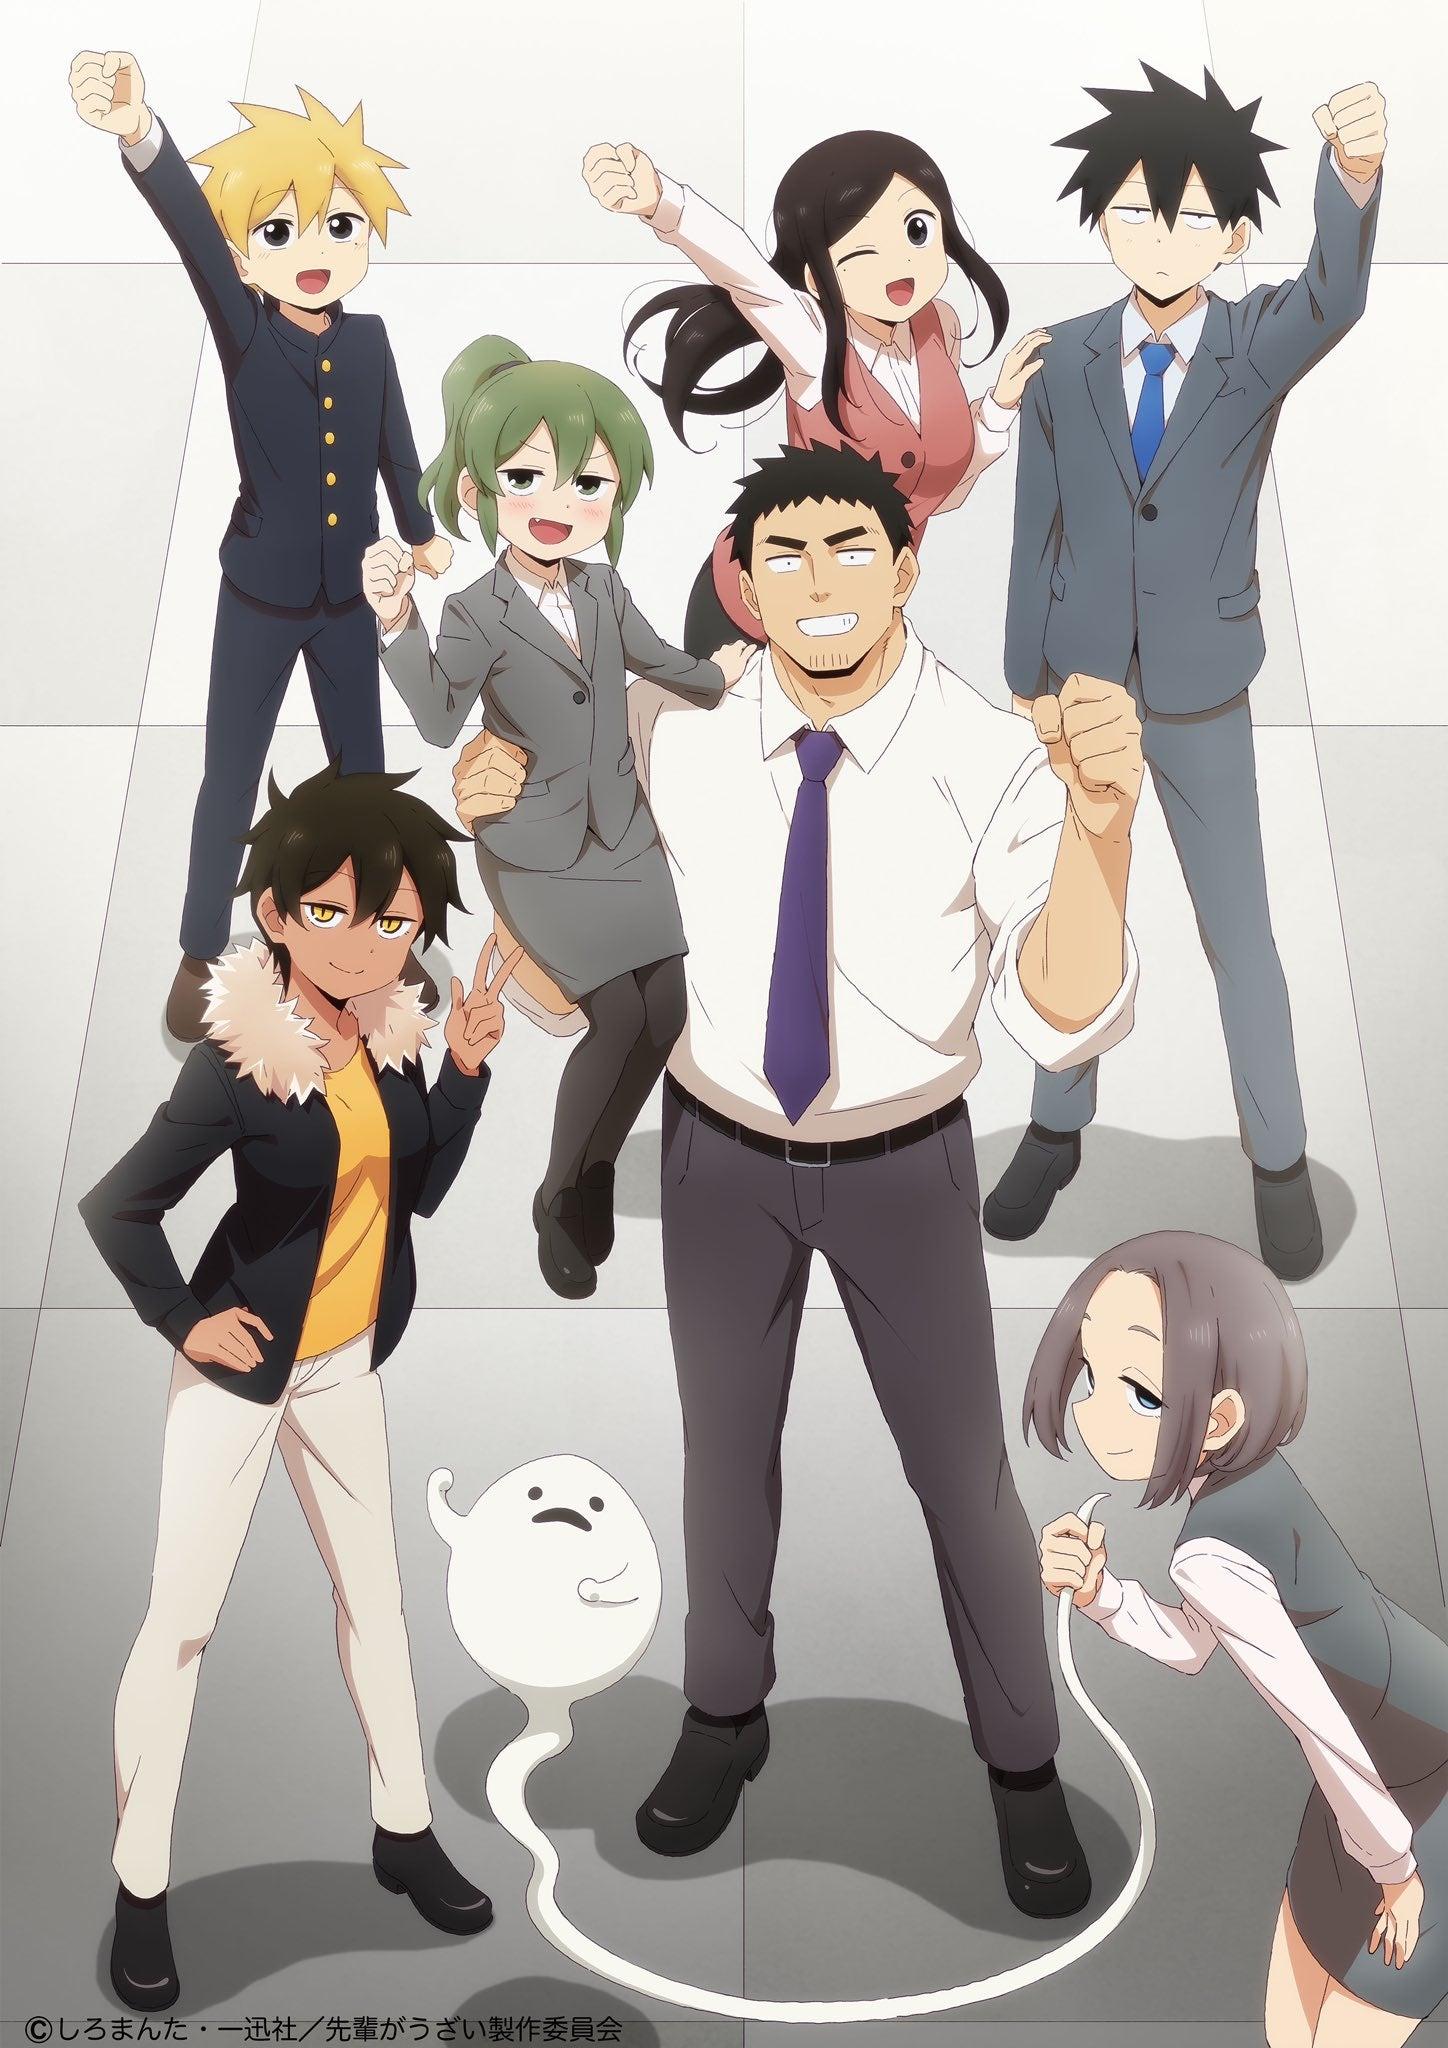 Senpai ga Uzai Kouhai no Hanashi ลุ้นรักรุ่นน้องตัวจิ๋วกับรุ่นพี่ตัวป่วน ซับไทย